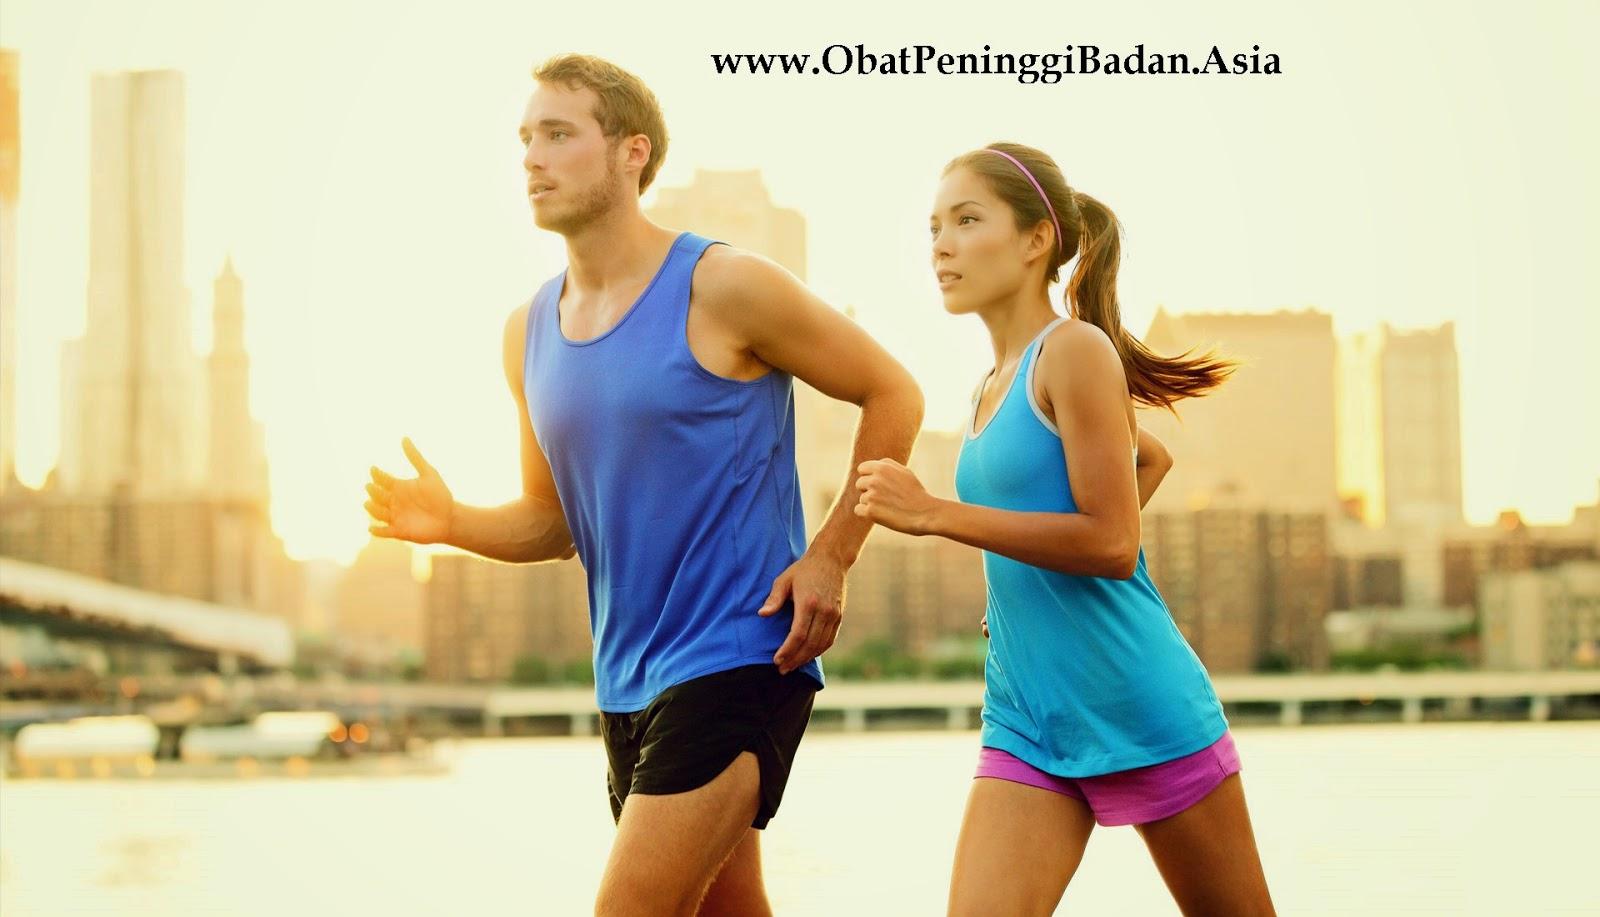 Lari Jogging Sprint Untuk Menambah Tinggi Badan Cepat Alami Olahraga Untuk Meninggikan Badan Peninggi Badan Alami Obat Herbal Tiens Tianshi Agen Pusat Loncat Peregangan Usia 20 Tahun Keatas Tambah Tinggi